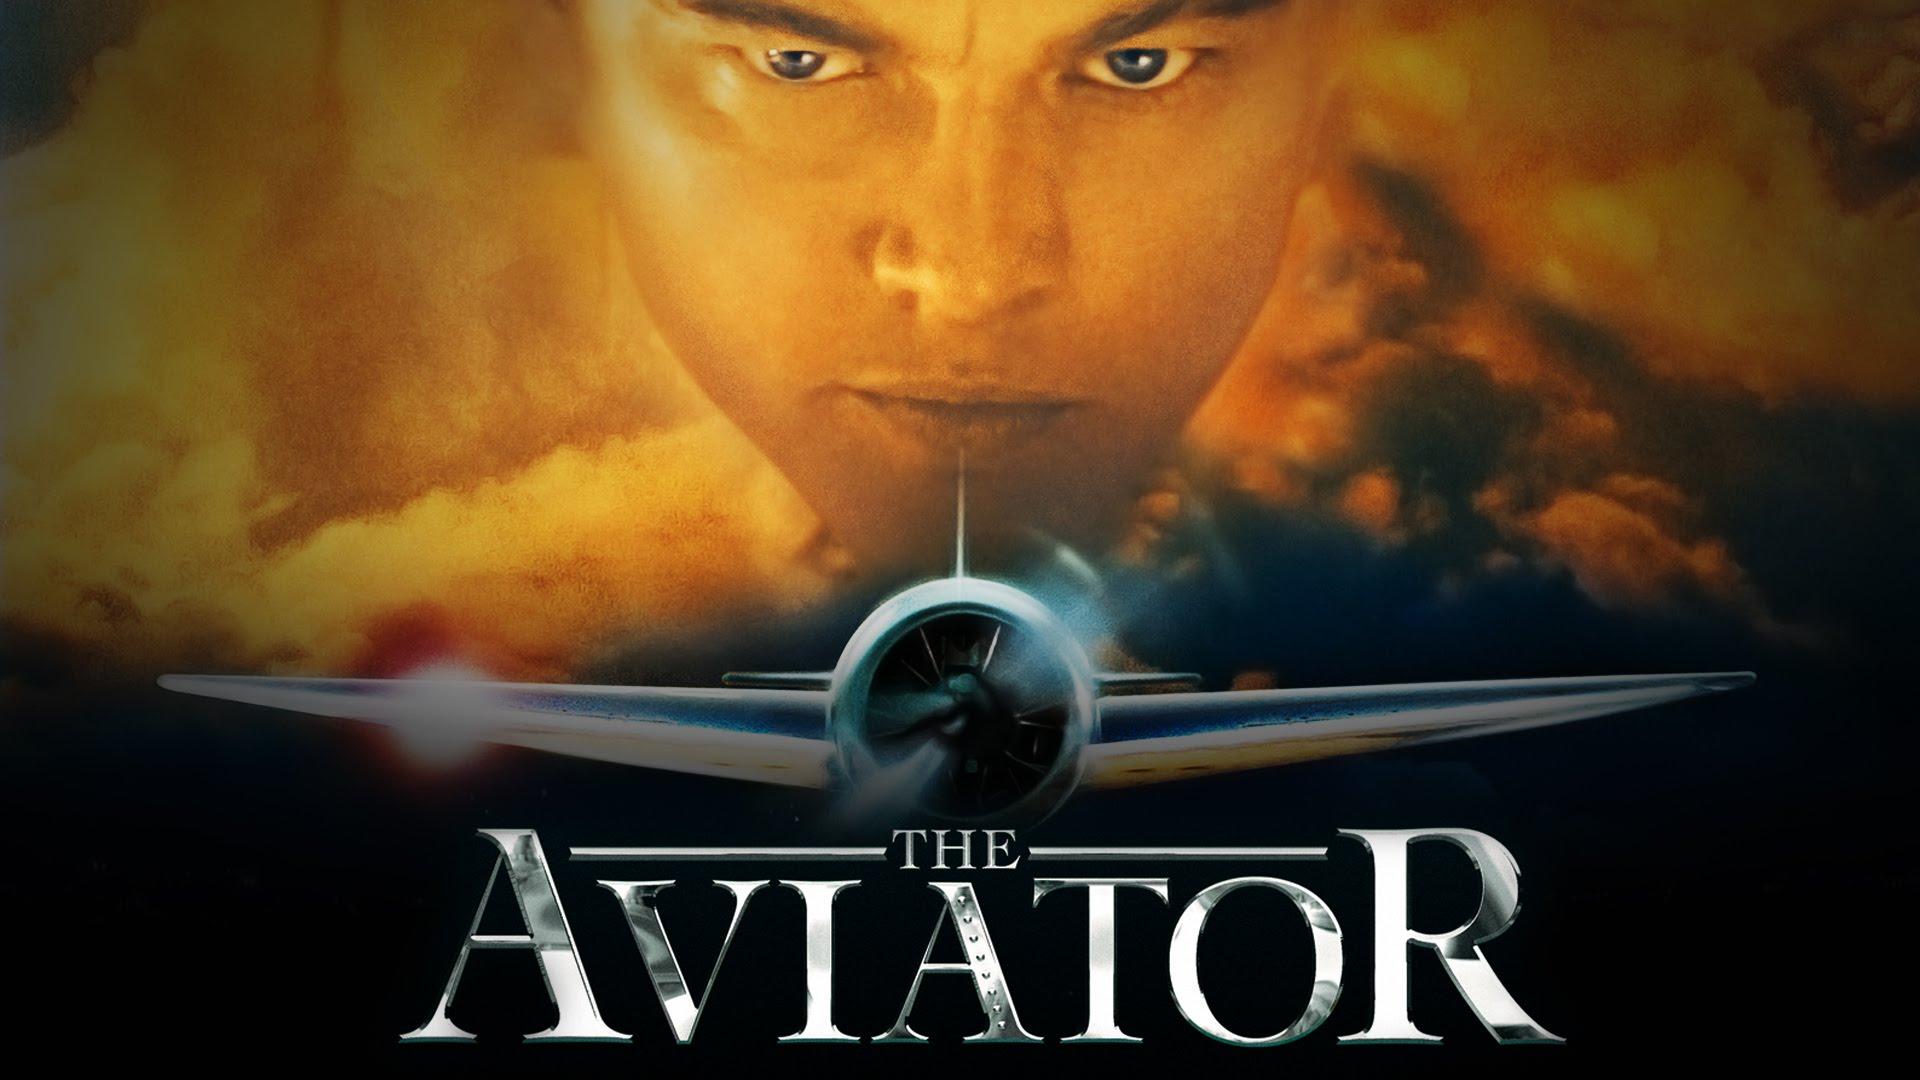 leonardo dicaprio the aviator movie